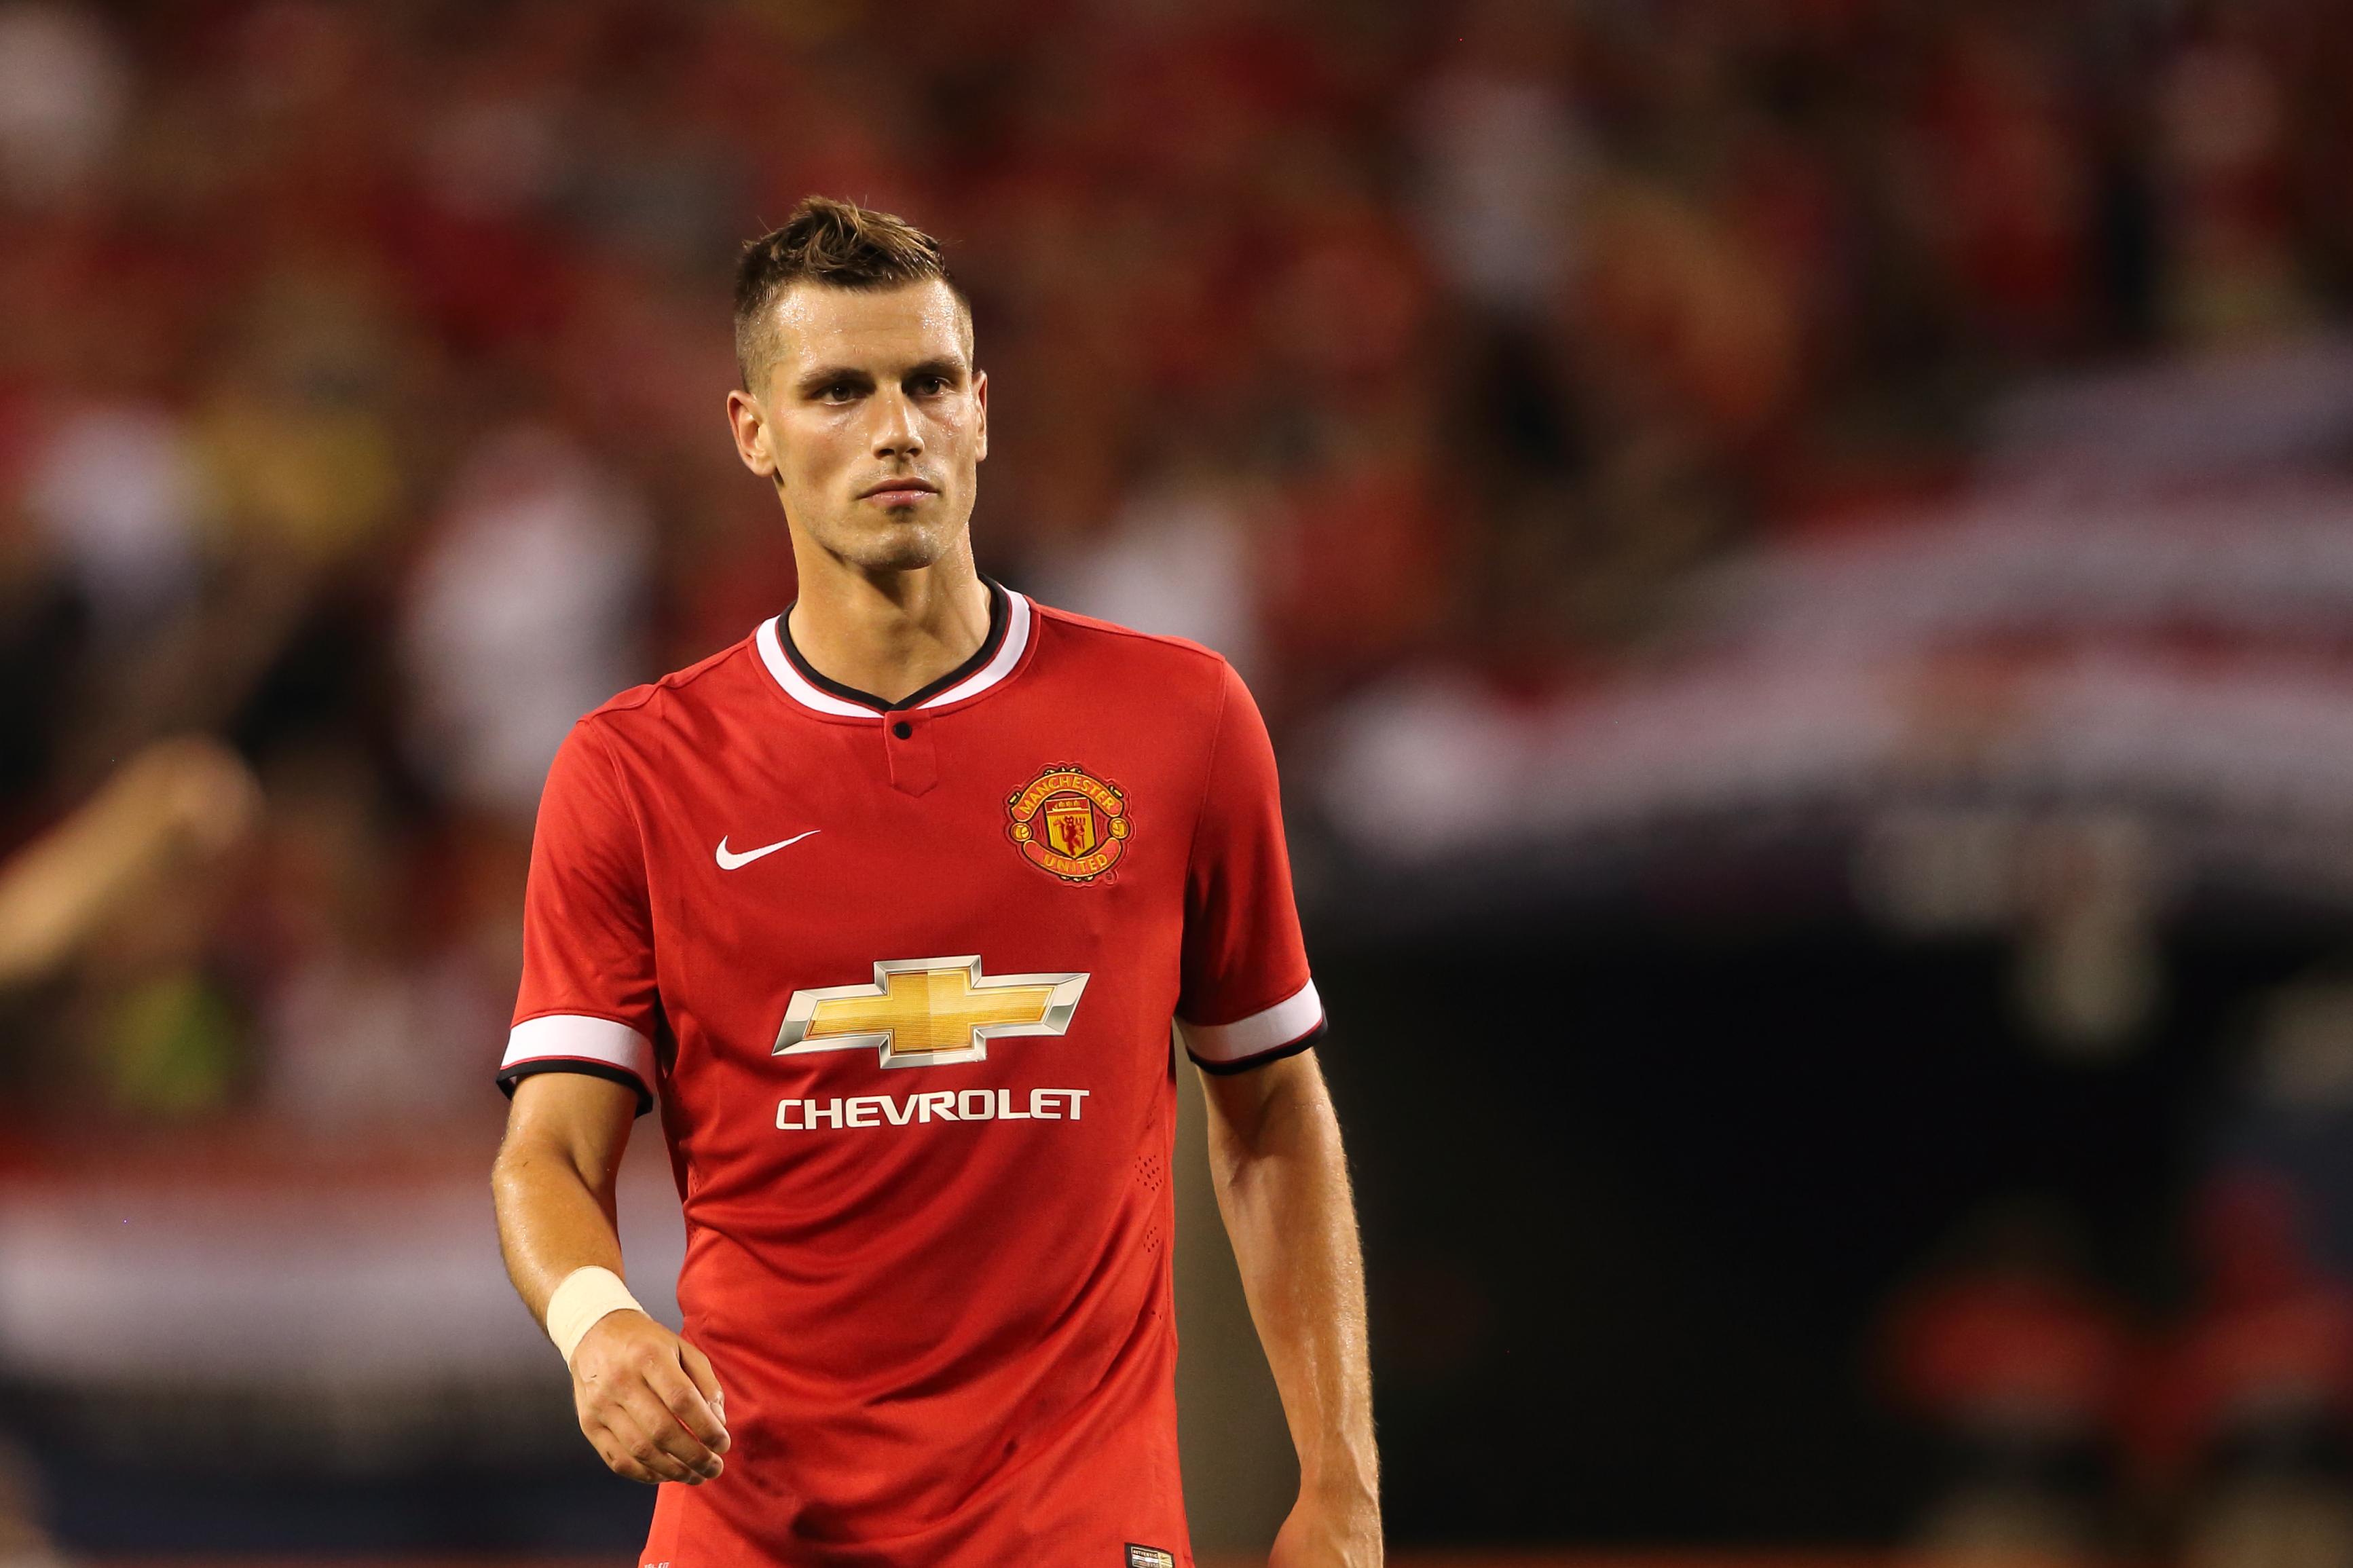 West Brom submit record £18m bid for Manchester United midfielder Morgan Schneiderlin